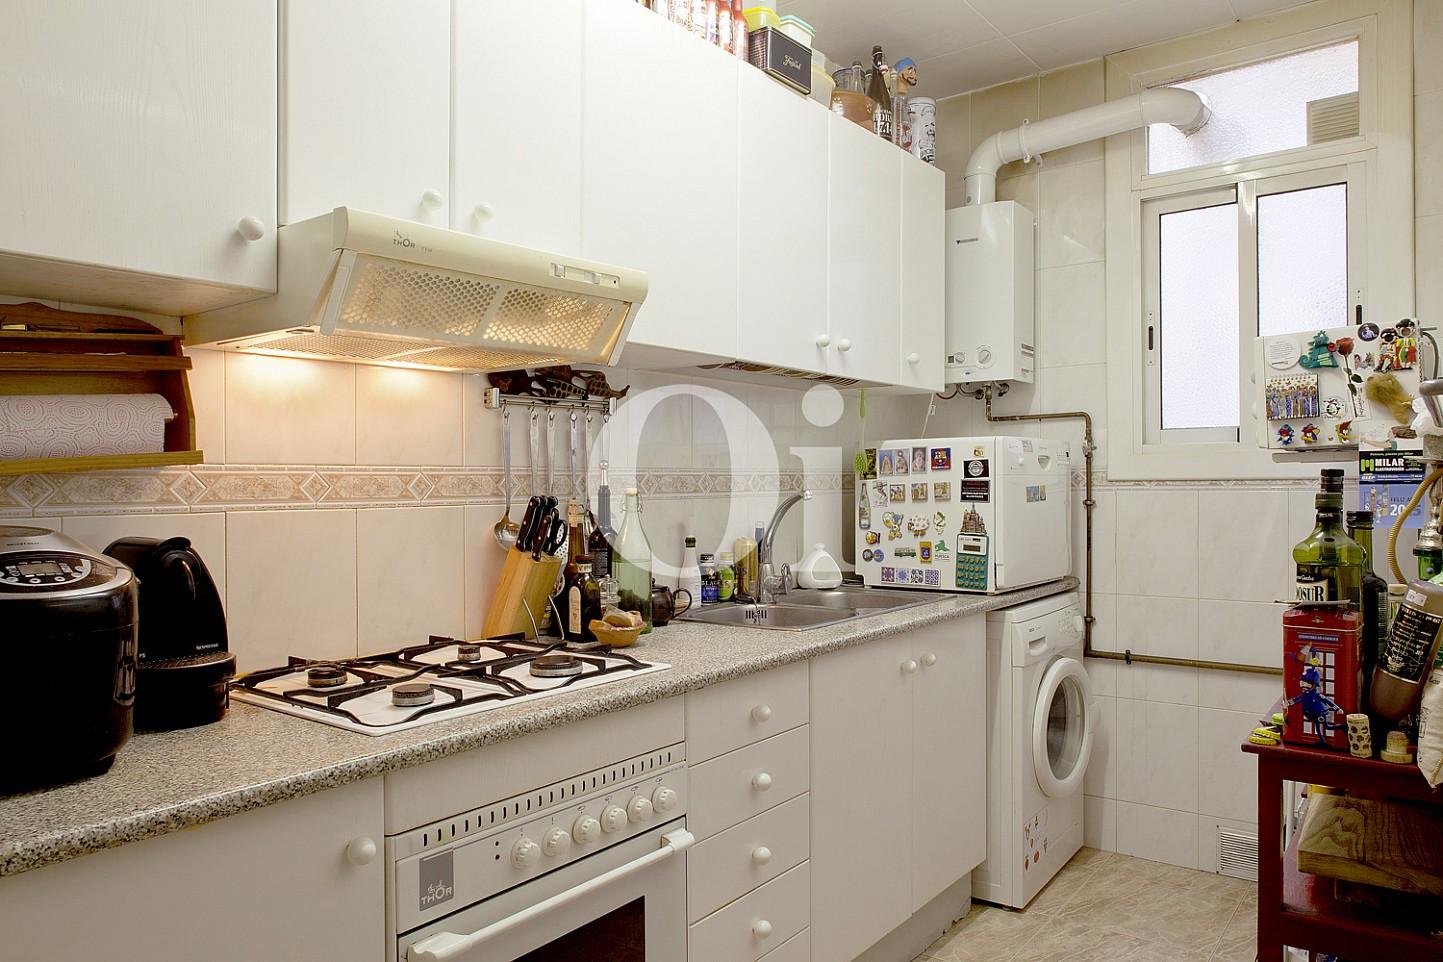 Оборудованная кухня  квартиры на продажу в Равале